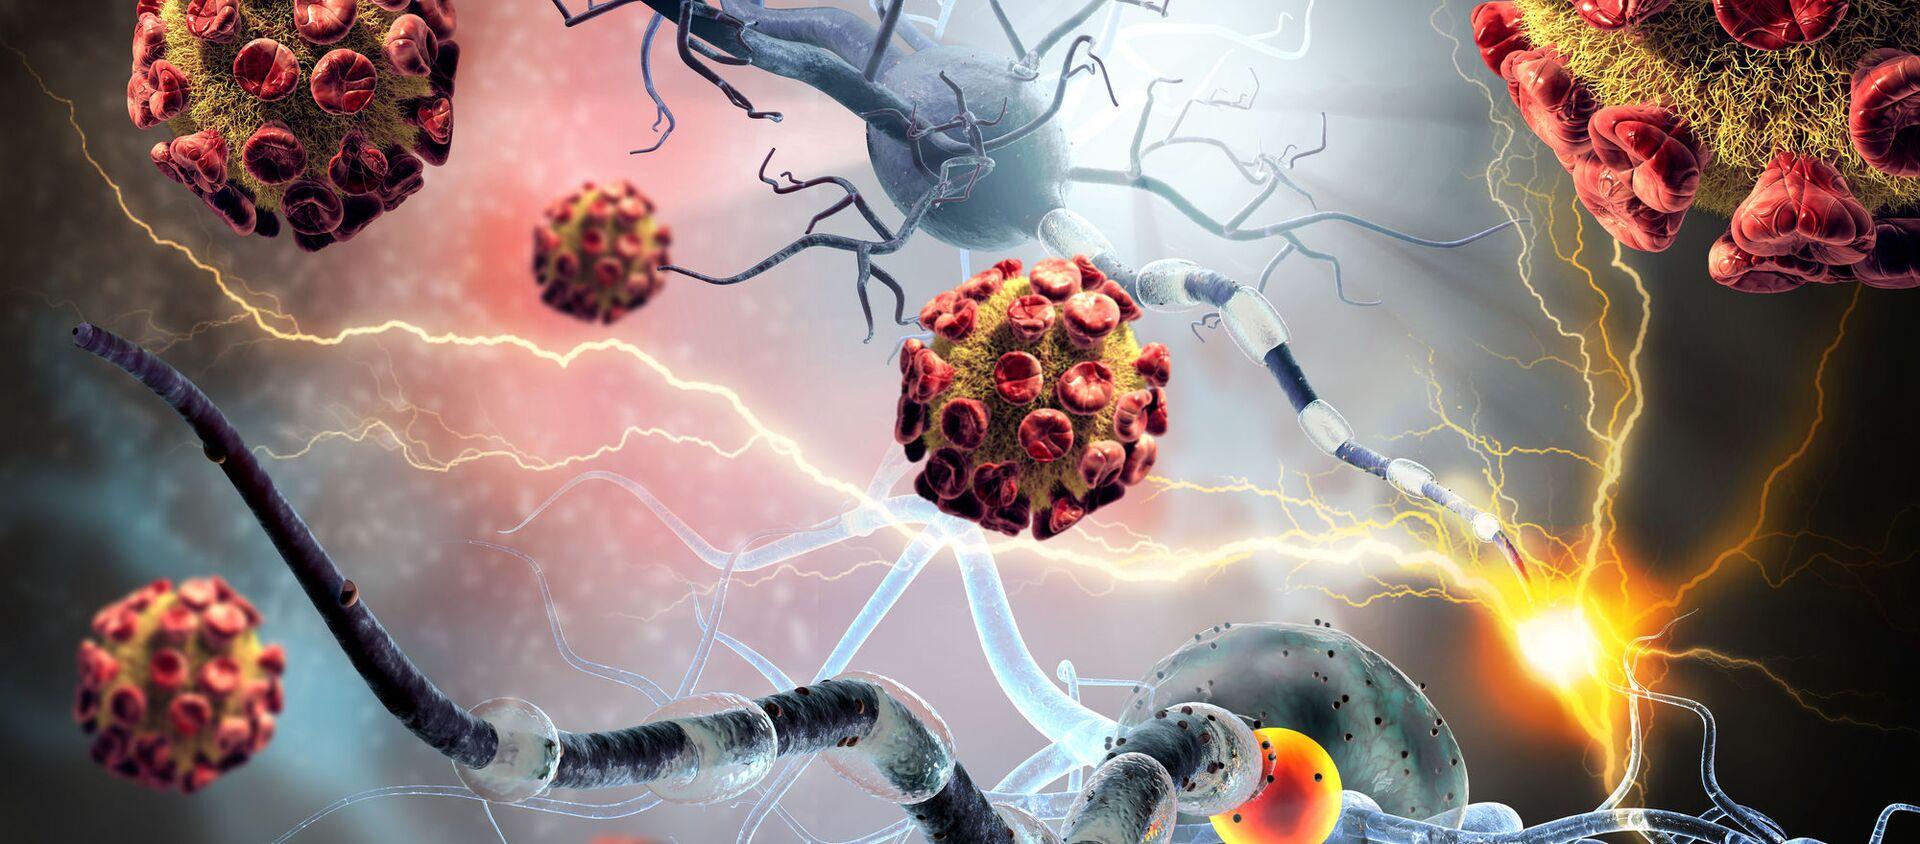 Ung thư và tế bào thần kinh - Sputnik Việt Nam, 1920, 26.06.2020